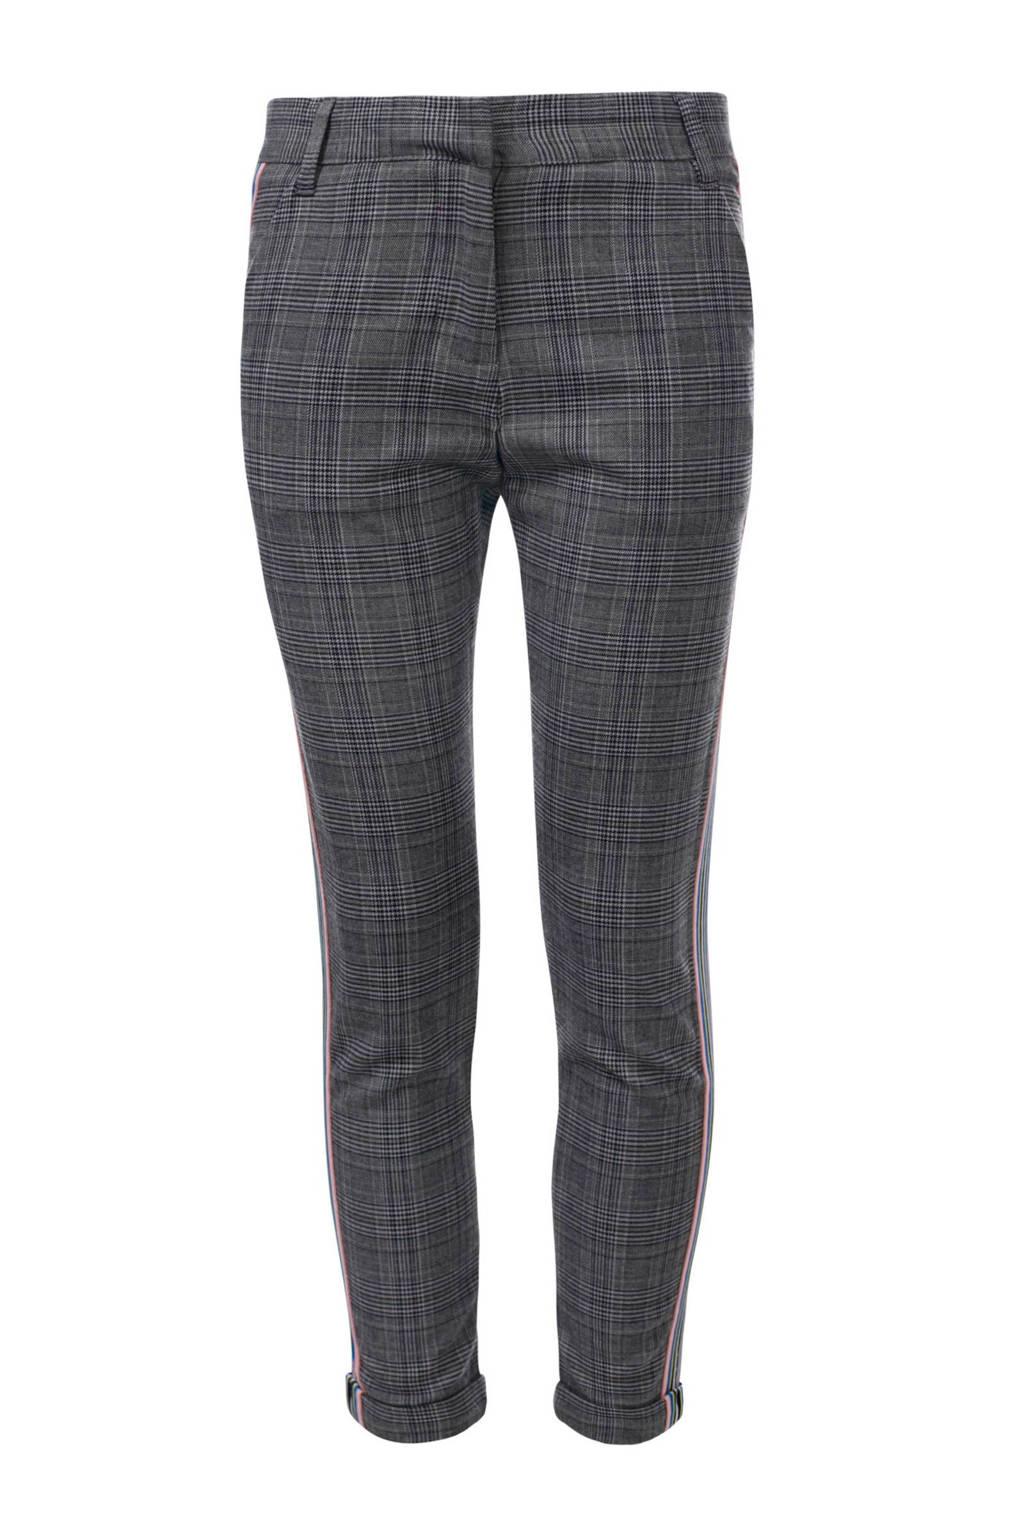 LOOXS geruite broek met zijbies grijs, Grijs/blauw